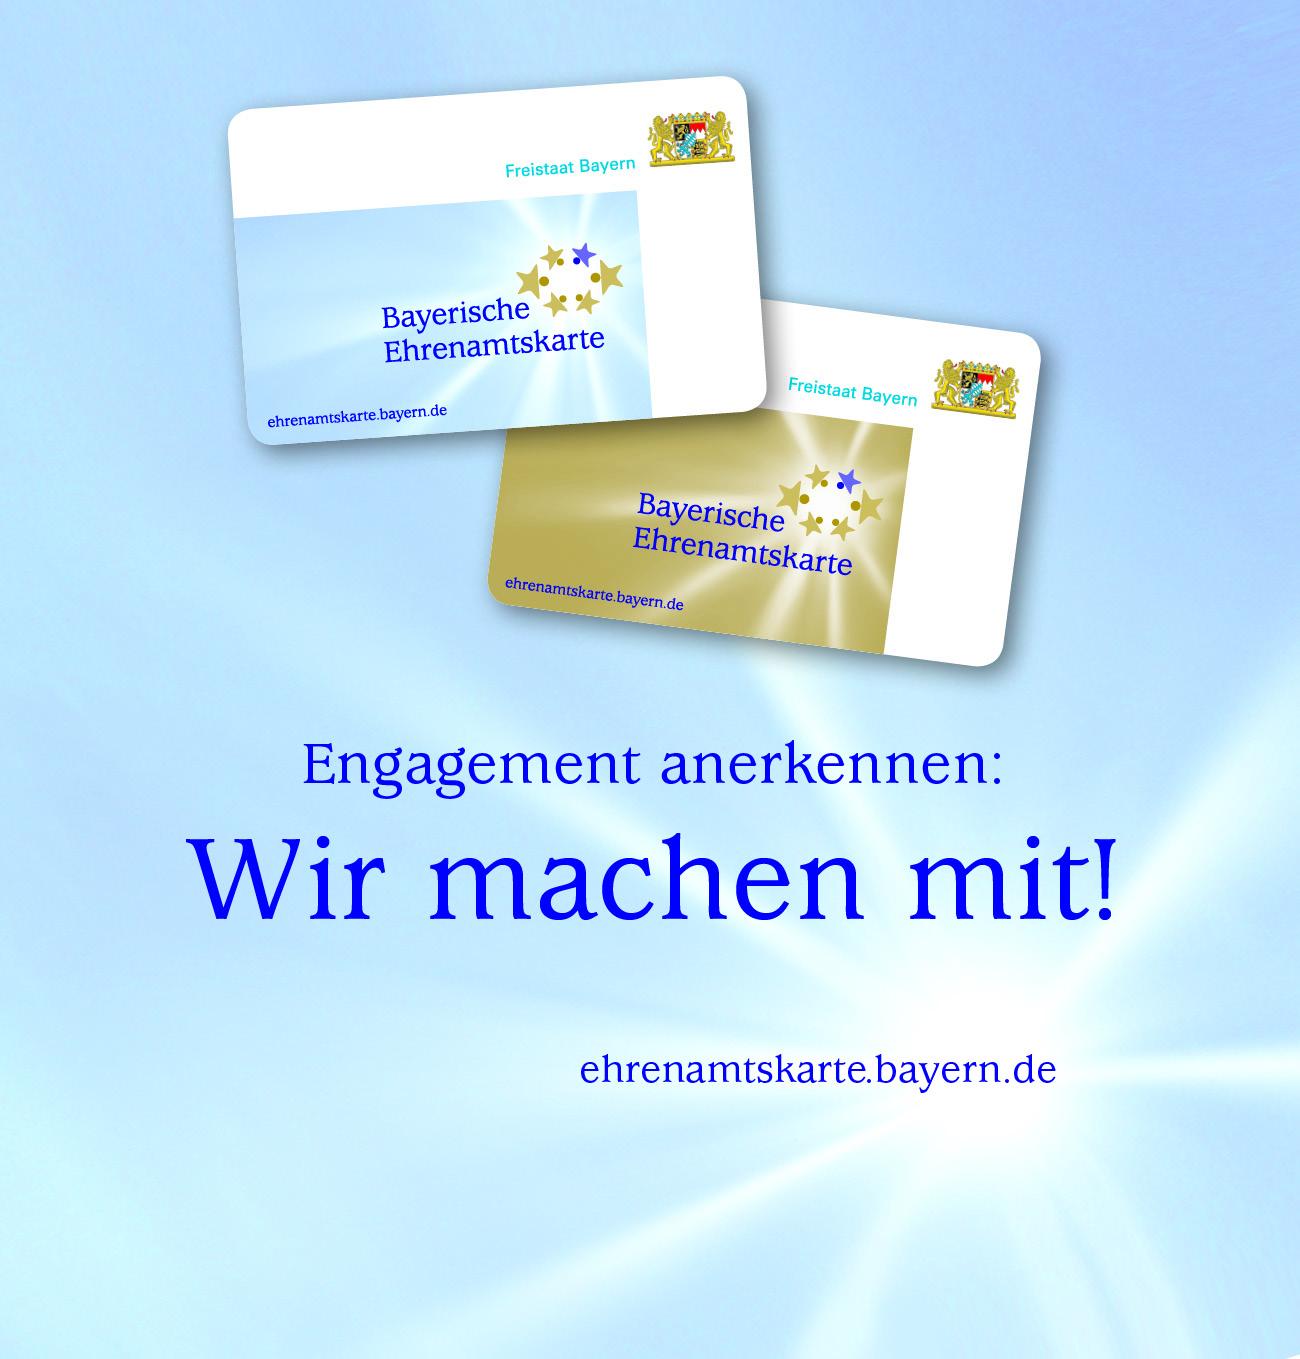 Ehrenamtskarte Sparmaxx In Großwallstadt Spilgers Sparmaxx